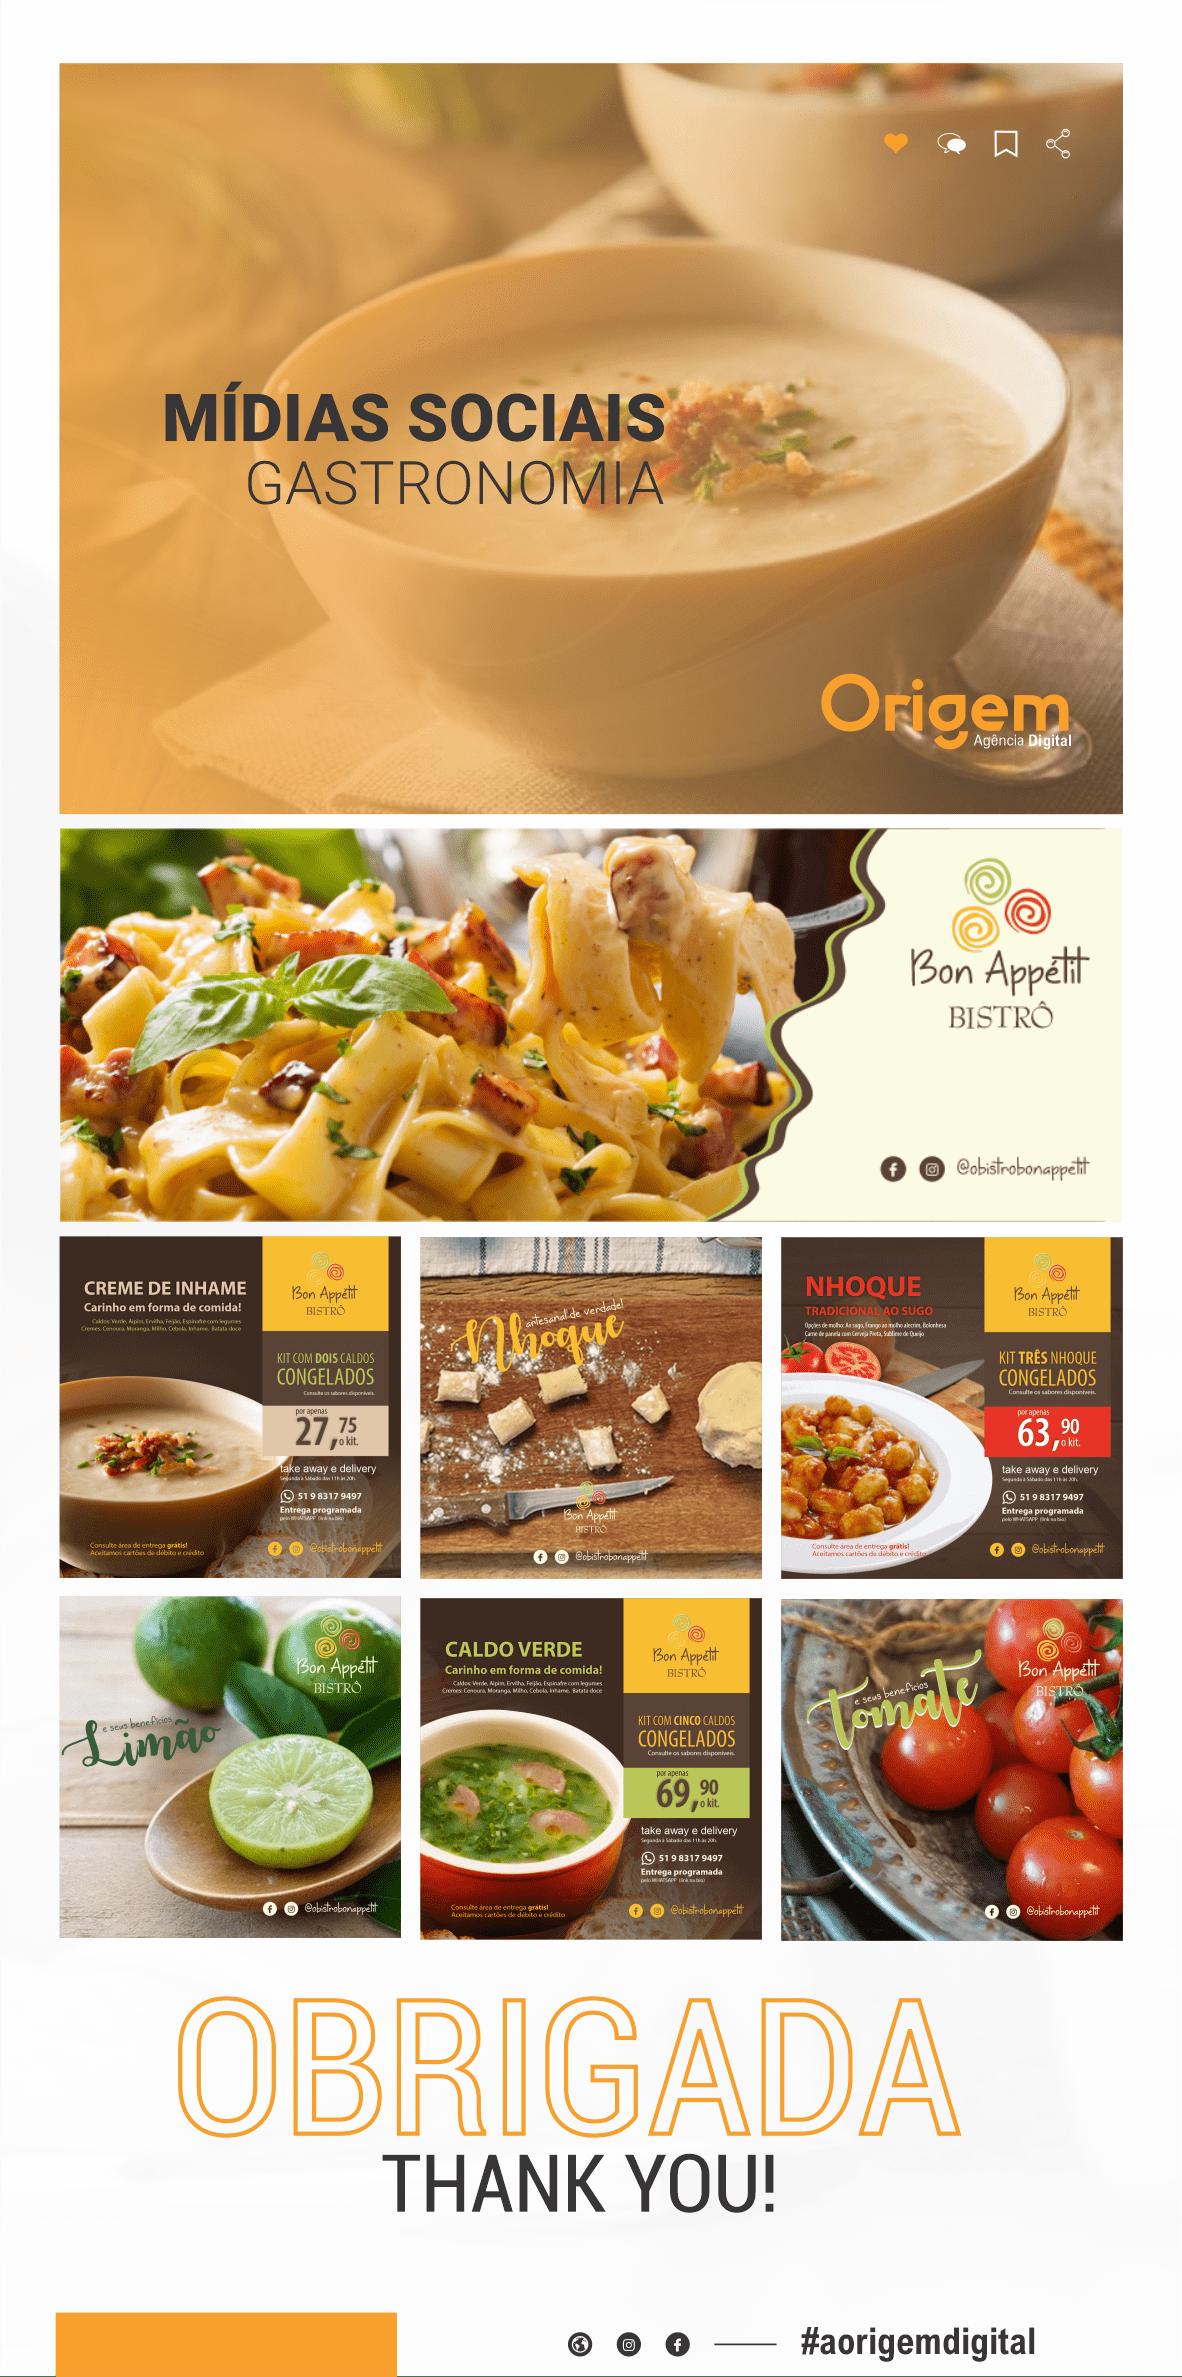 branding  criação de sites gestão de midias inbound marketing marketing digital mídias sociais Performance planejamento digital gastronomia restaurante